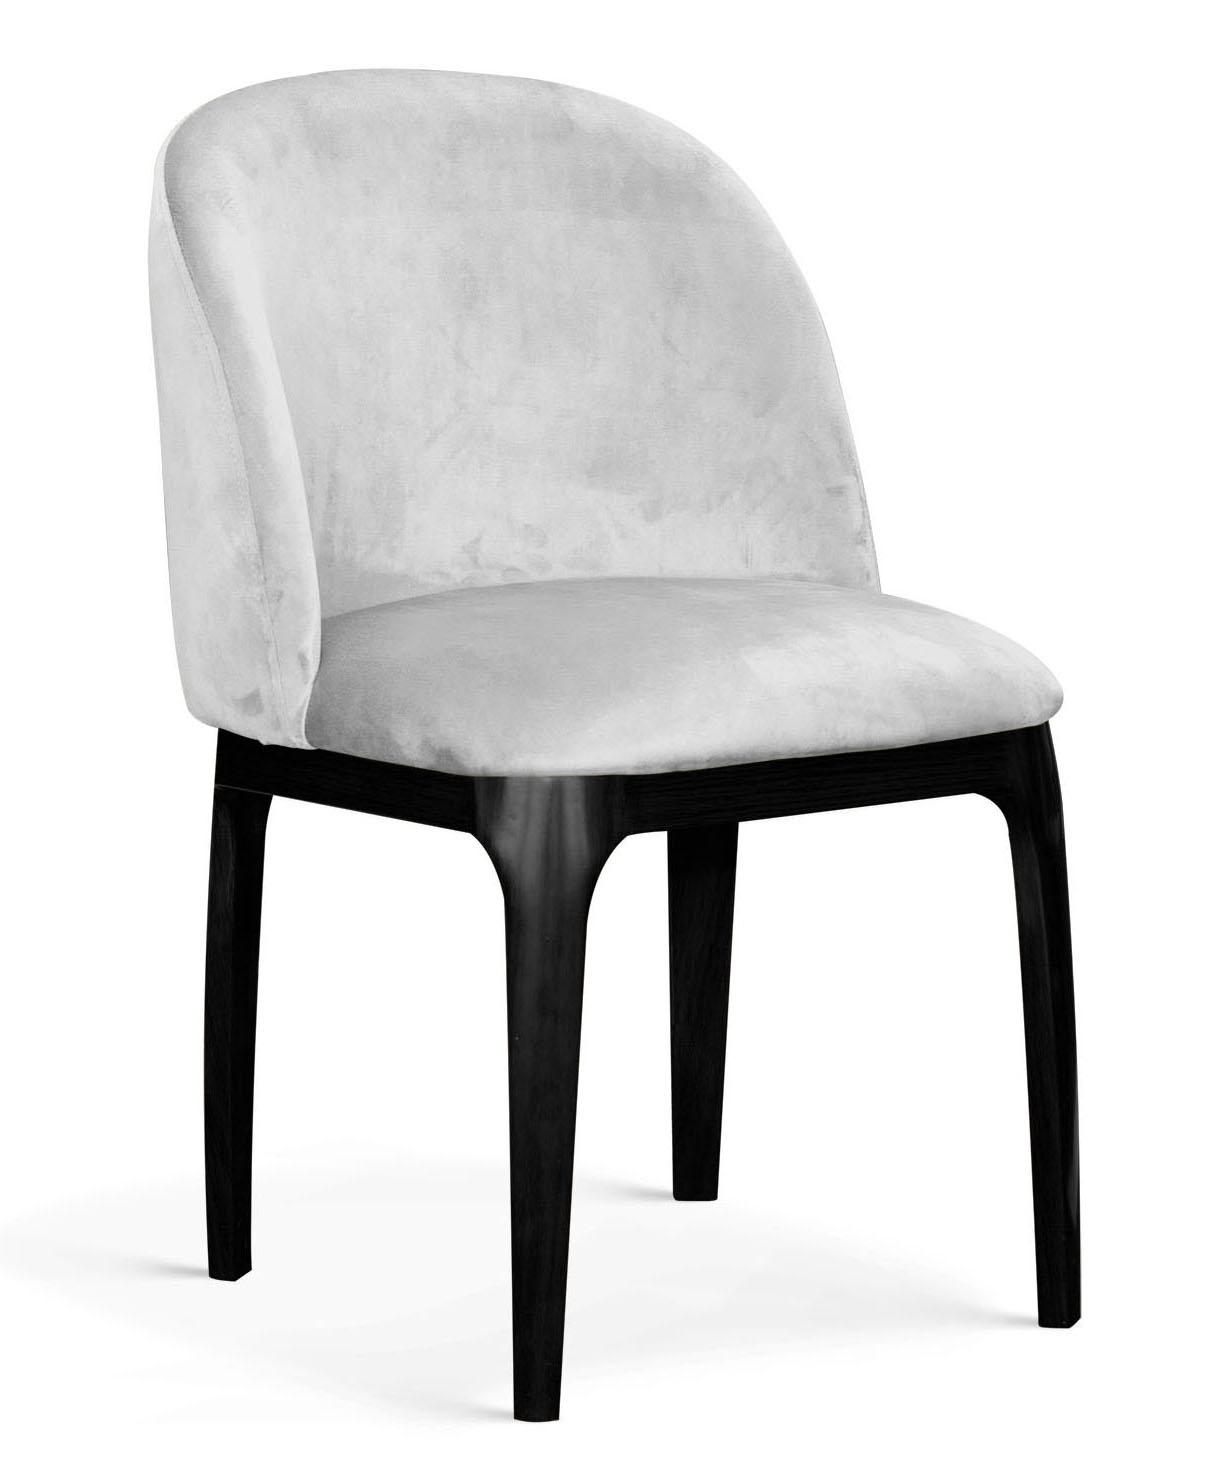 Scaun tapitat cu stofa, cu picioare metalice Grace Argintiu / Negru, l53xA56xH83 cm